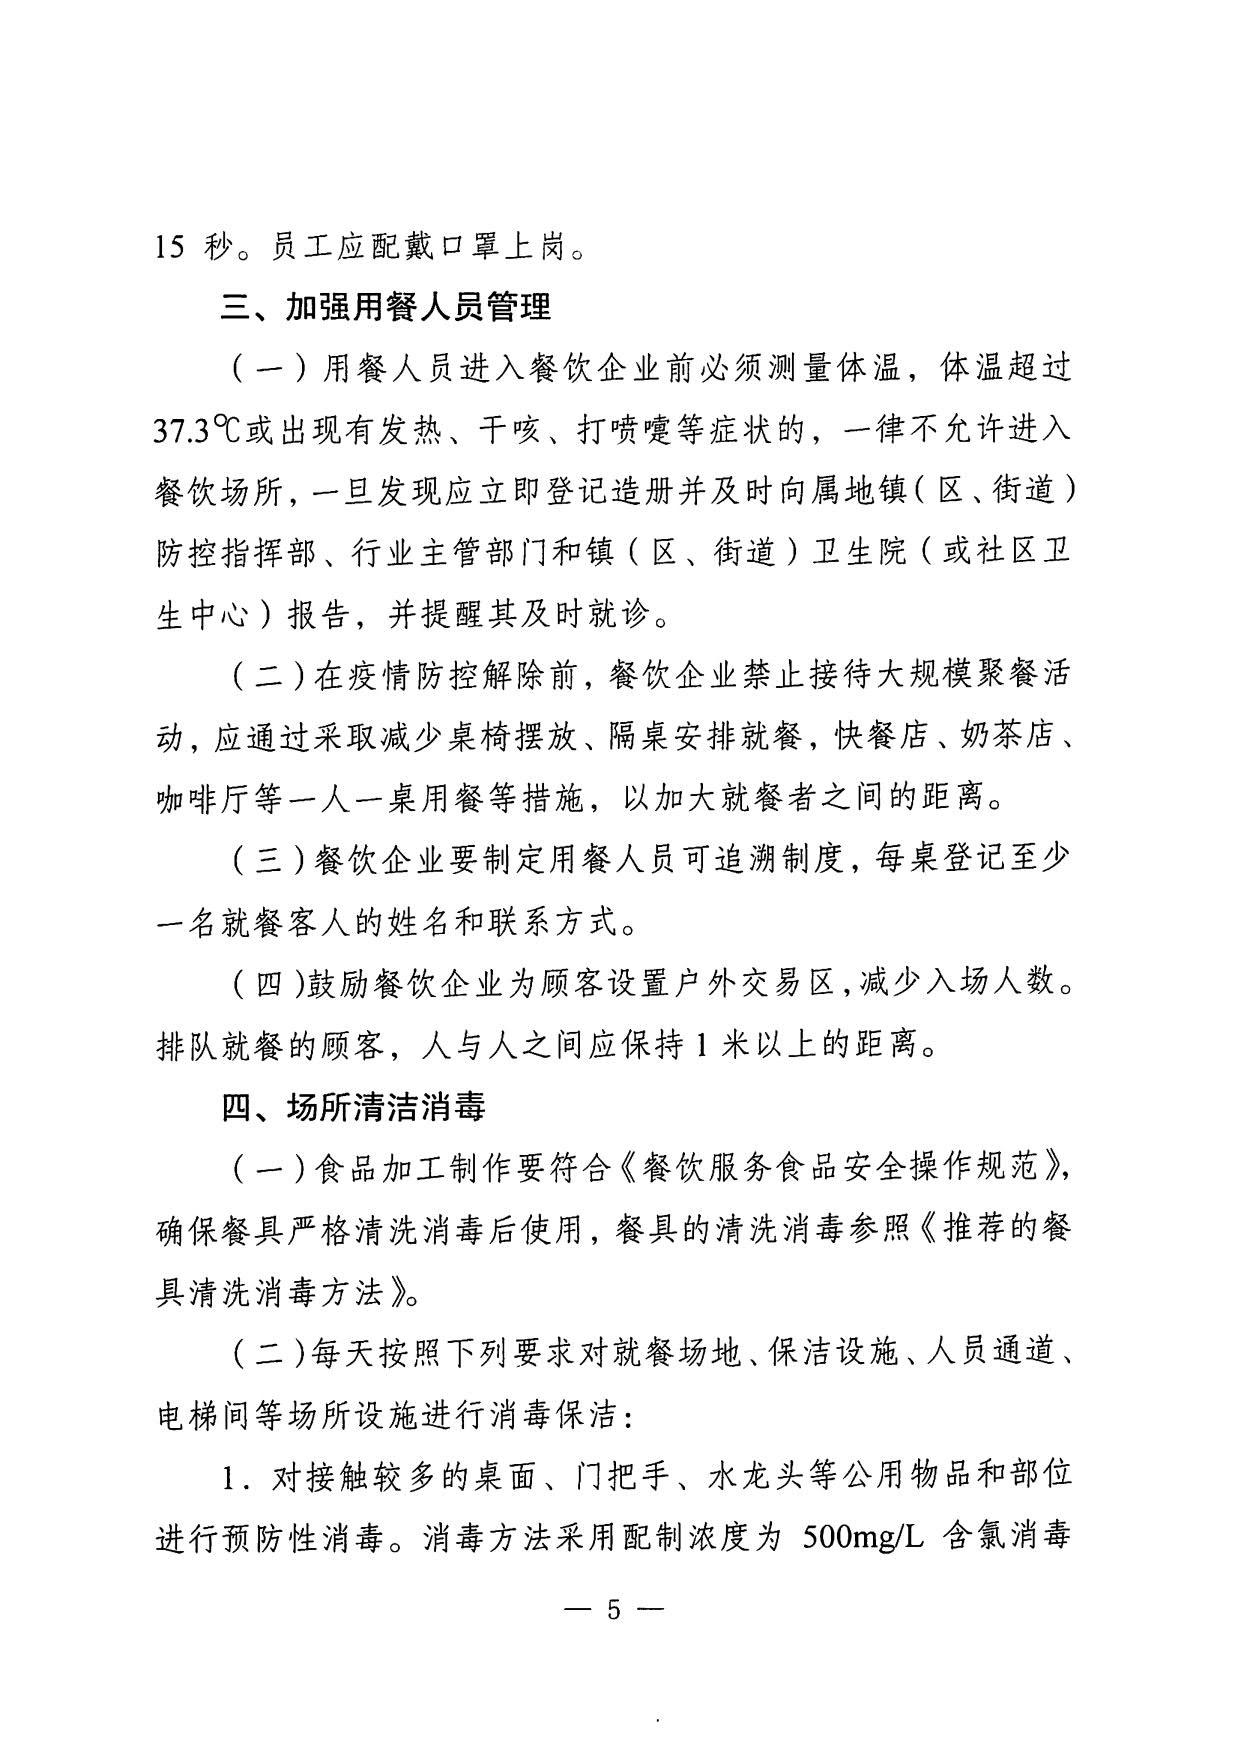 关于疫情防控期间餐饮经营单位恢复堂食服务的通告(第5号)_05.jpg